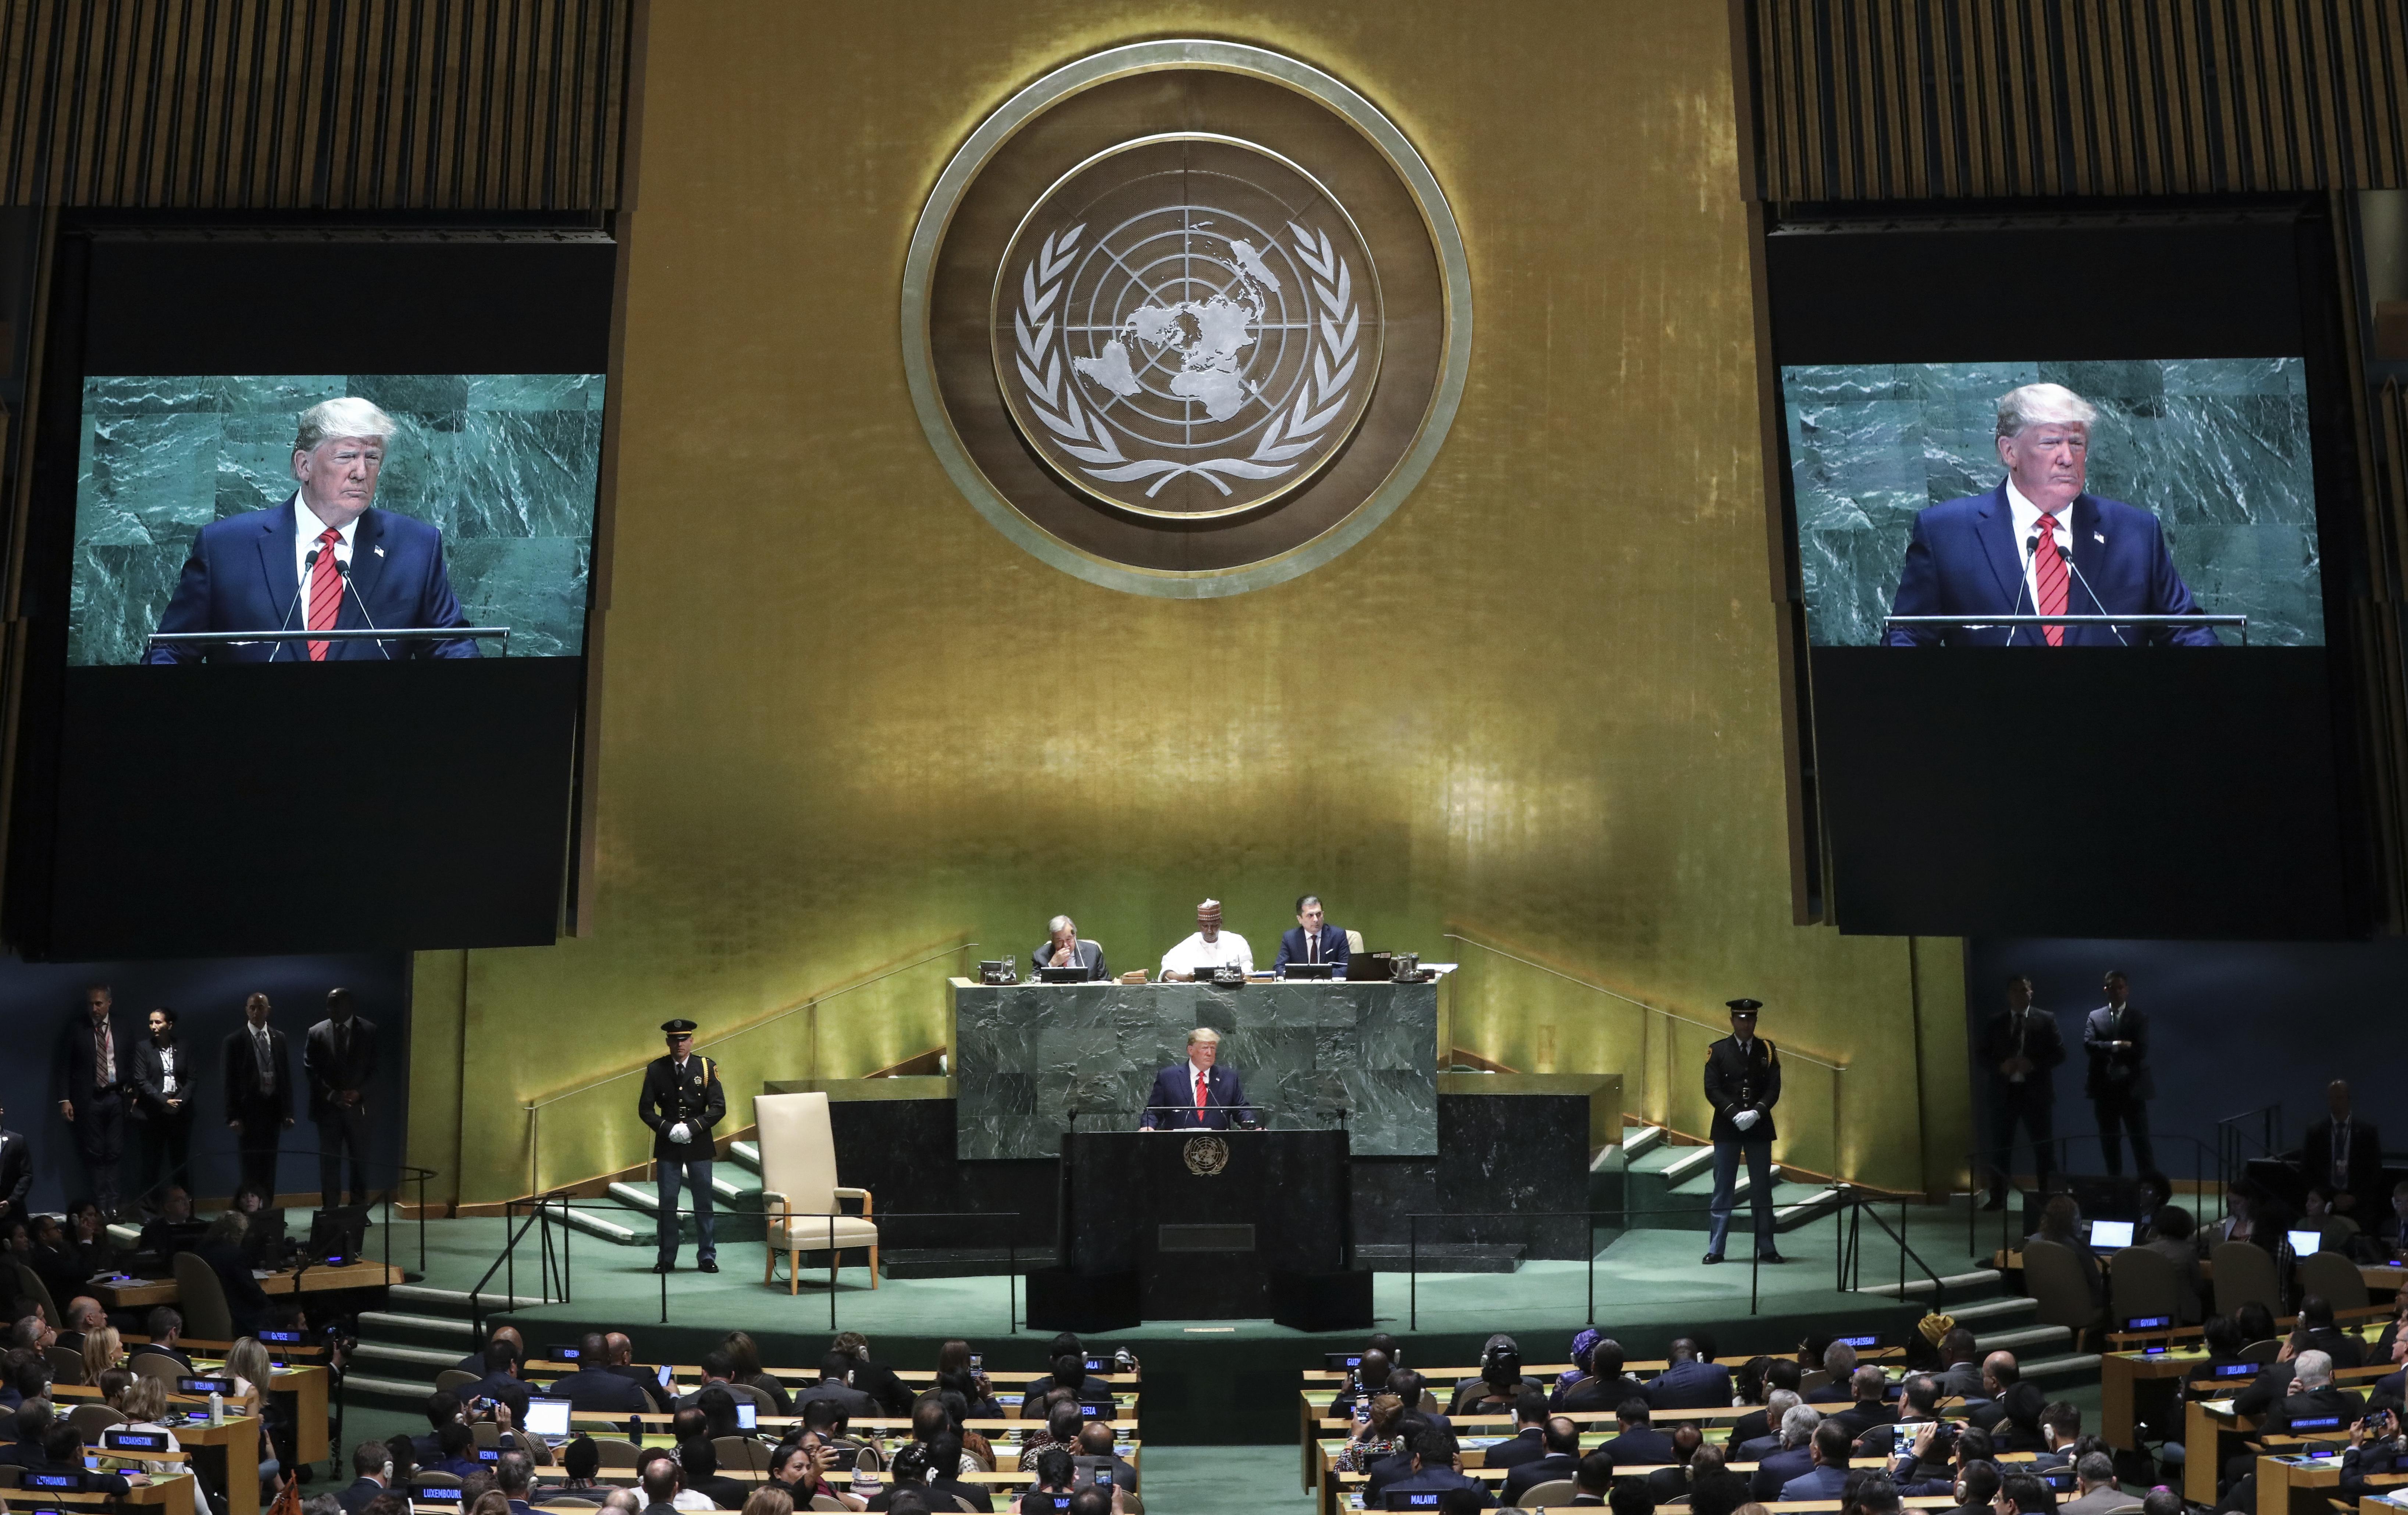 Trump set to address U.N